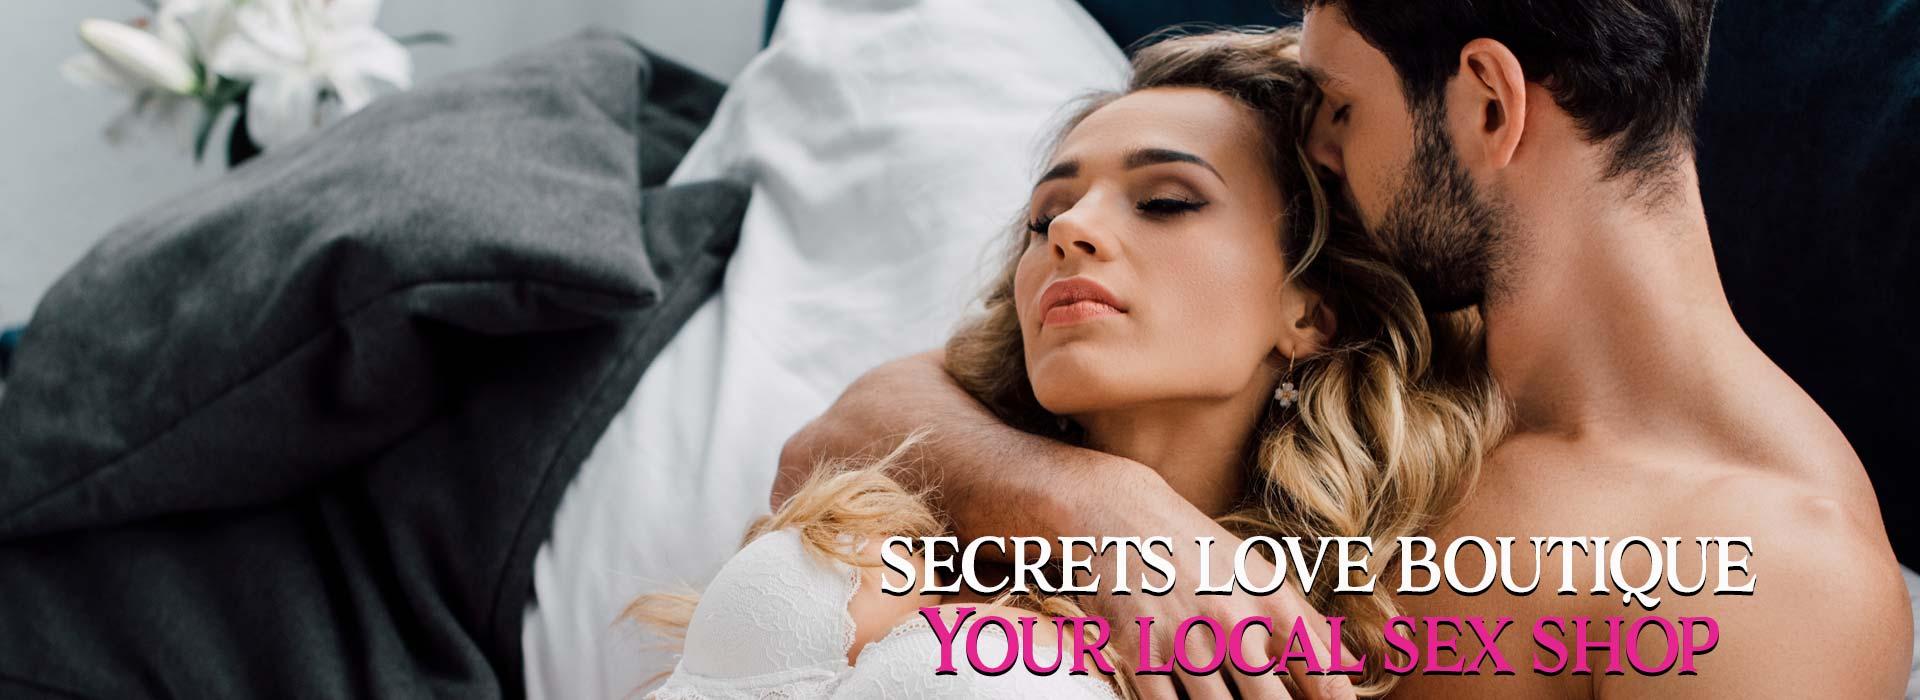 Secrets Love Boutique